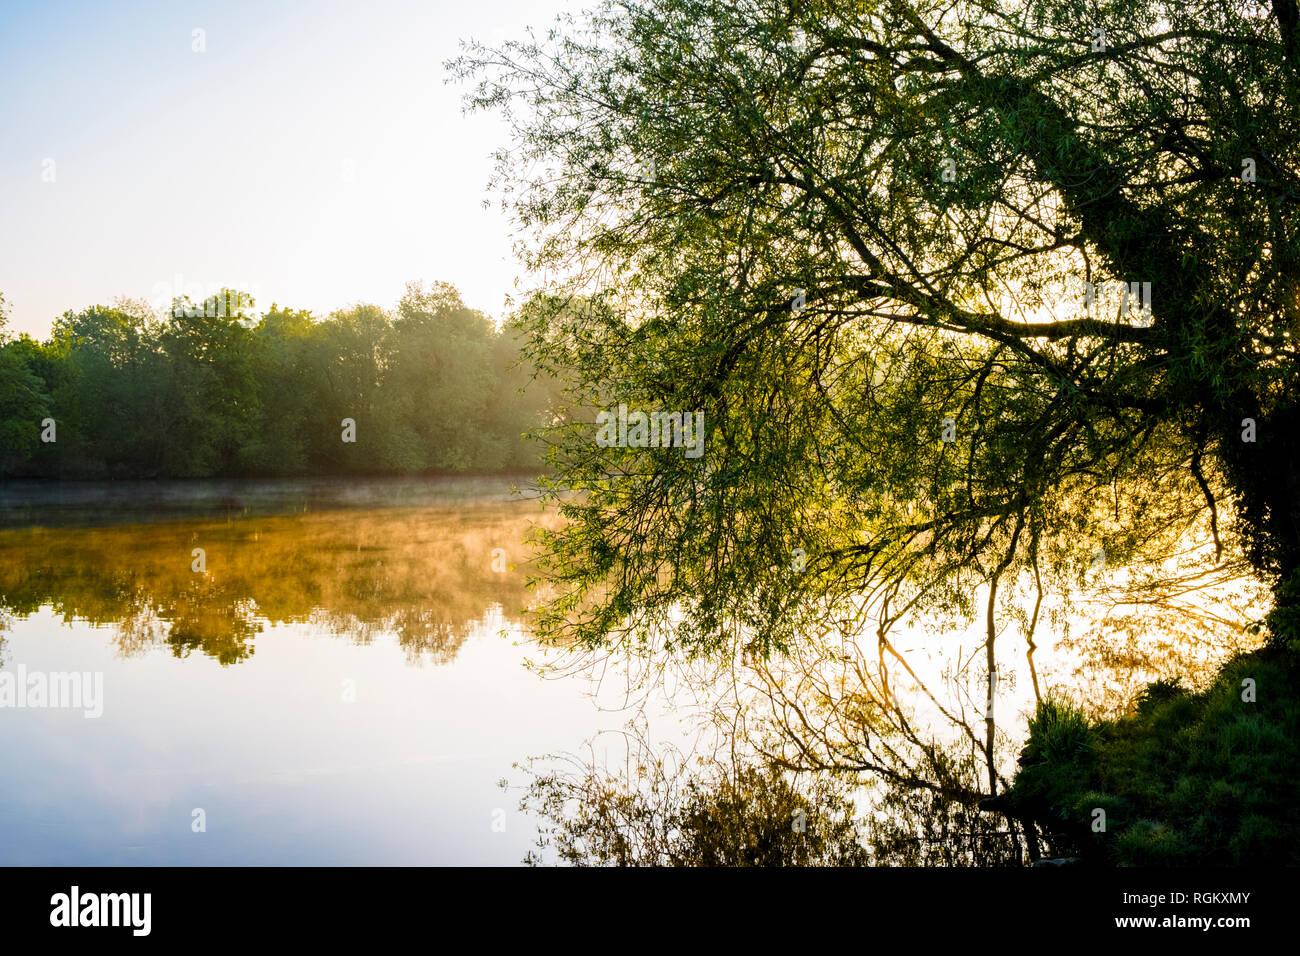 Paisajes Ingleses. La luz del sol por la mañana temprano y la bruma sobre el río Trent en la campiña de Nottinghamshire, Inglaterra, Reino Unido. Imagen De Stock